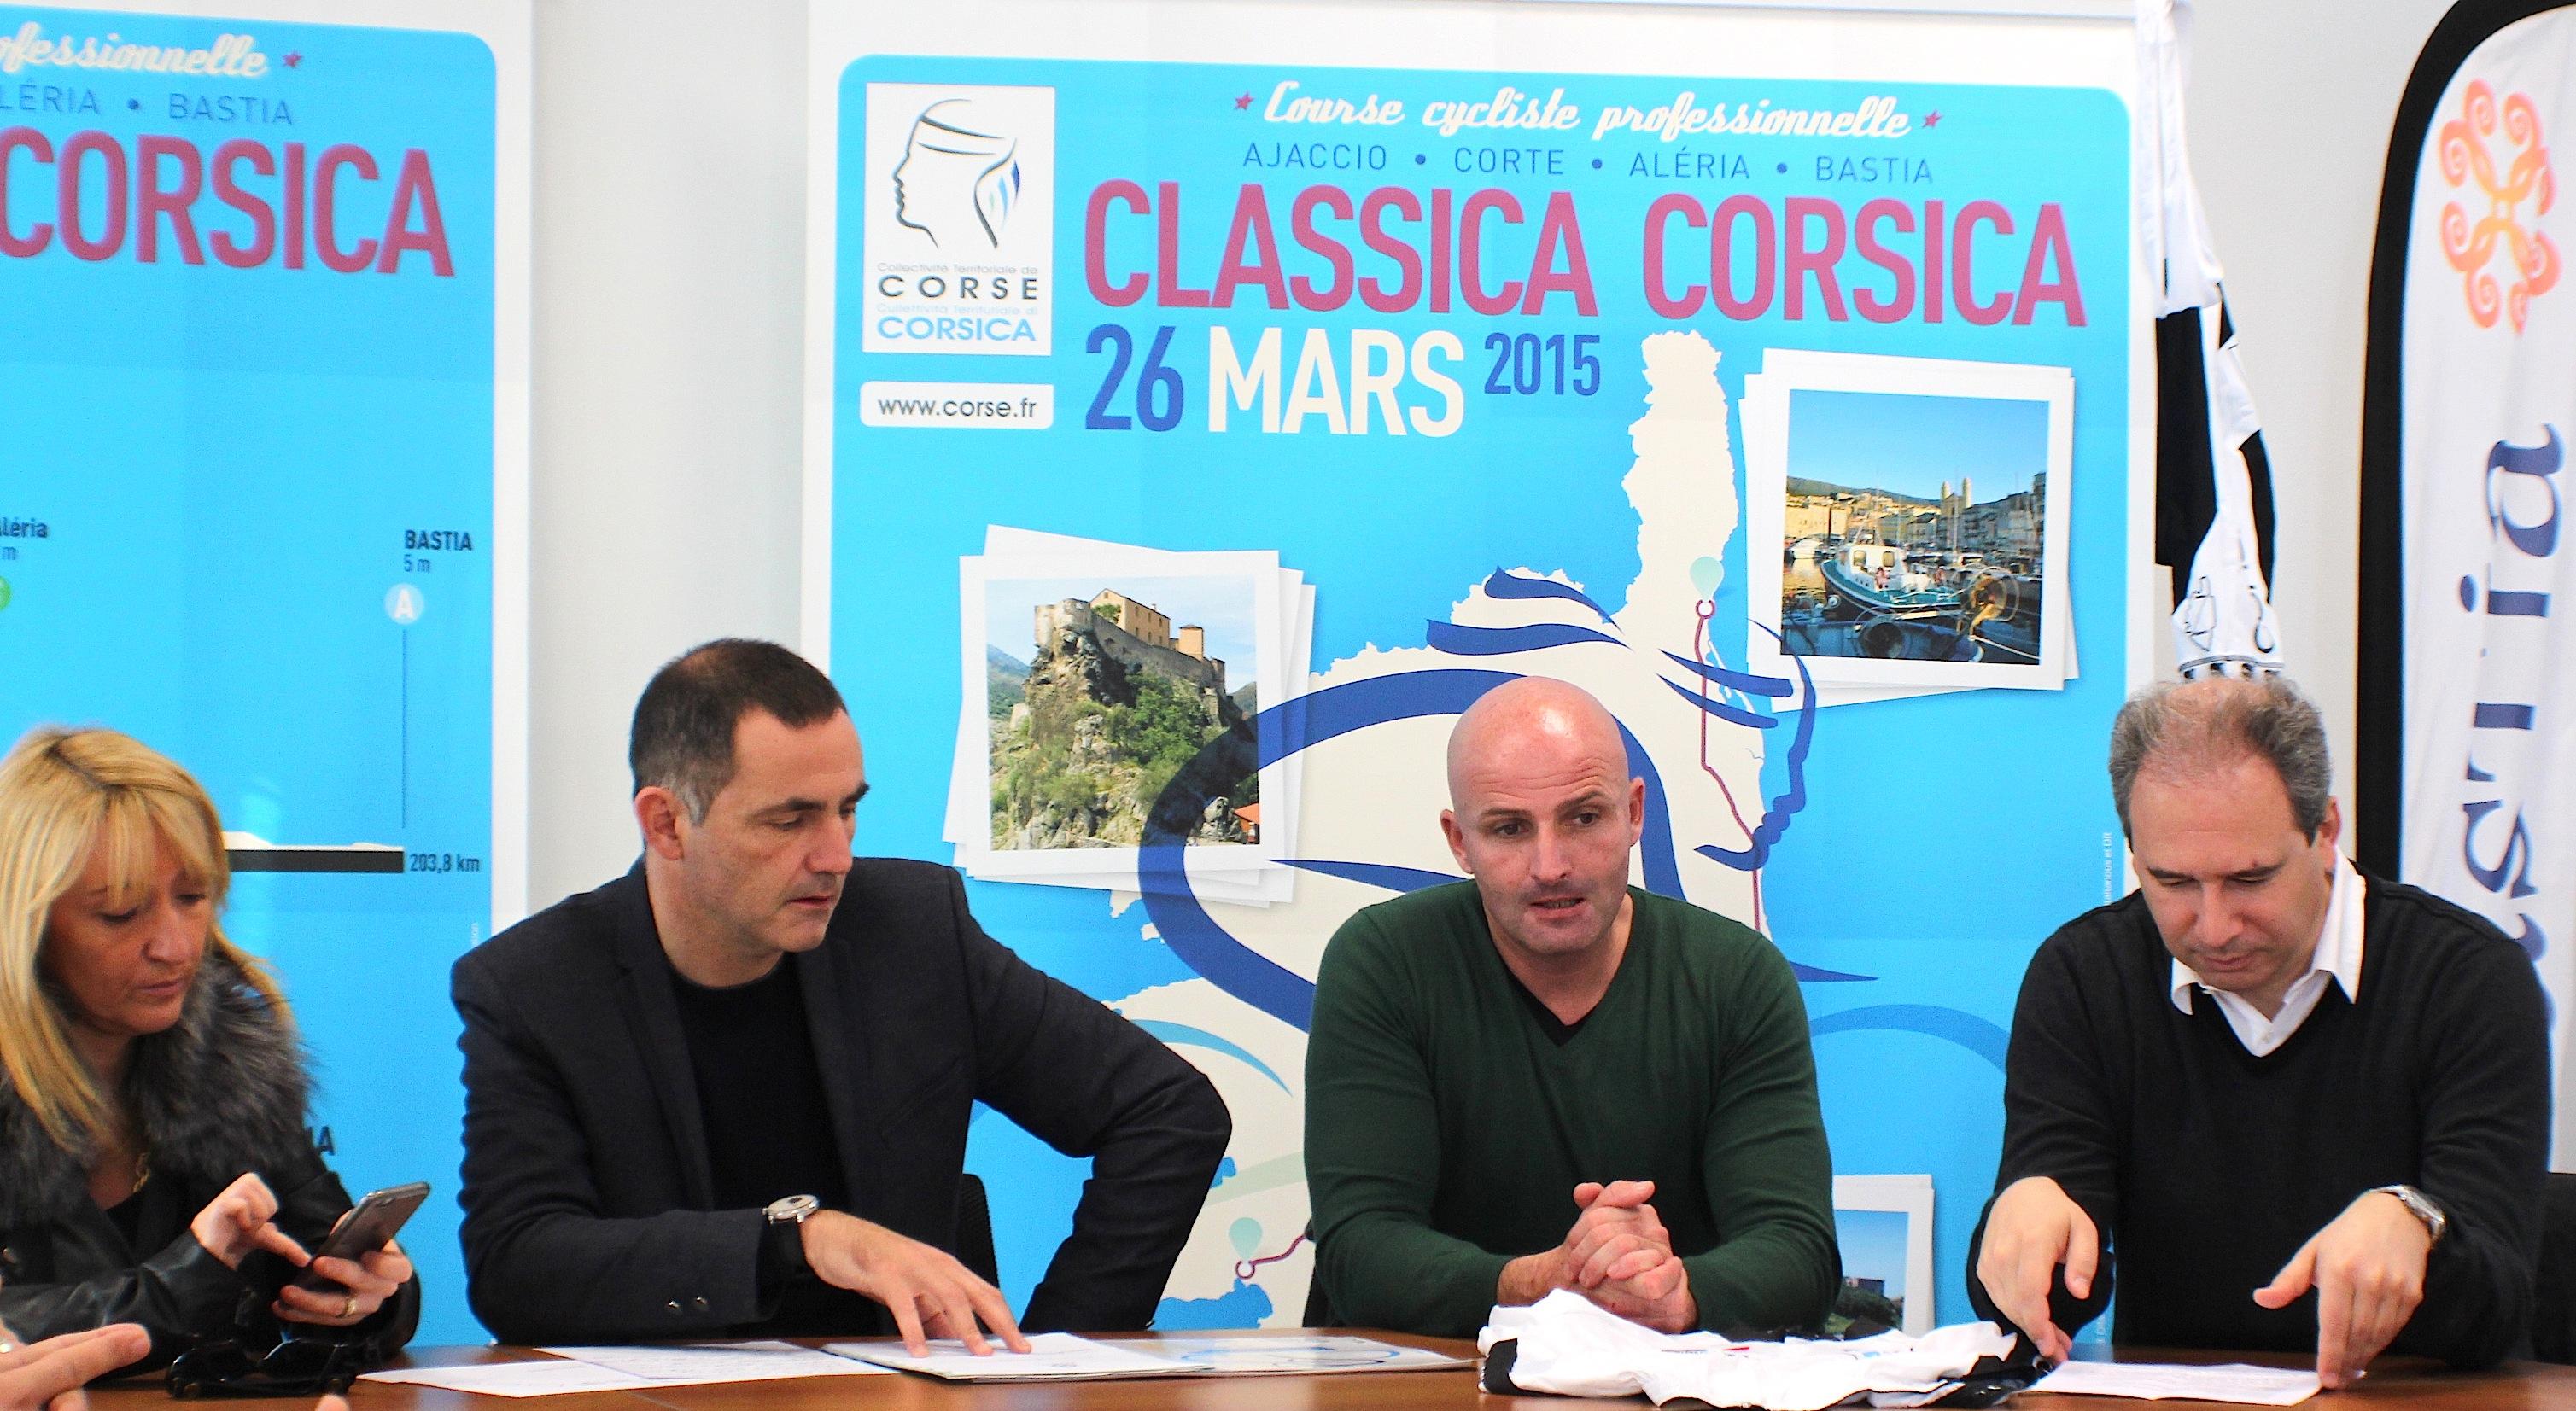 """La """"Classica Corsica"""" donnera le coup d'envoi de la saison cycliste européenne !"""